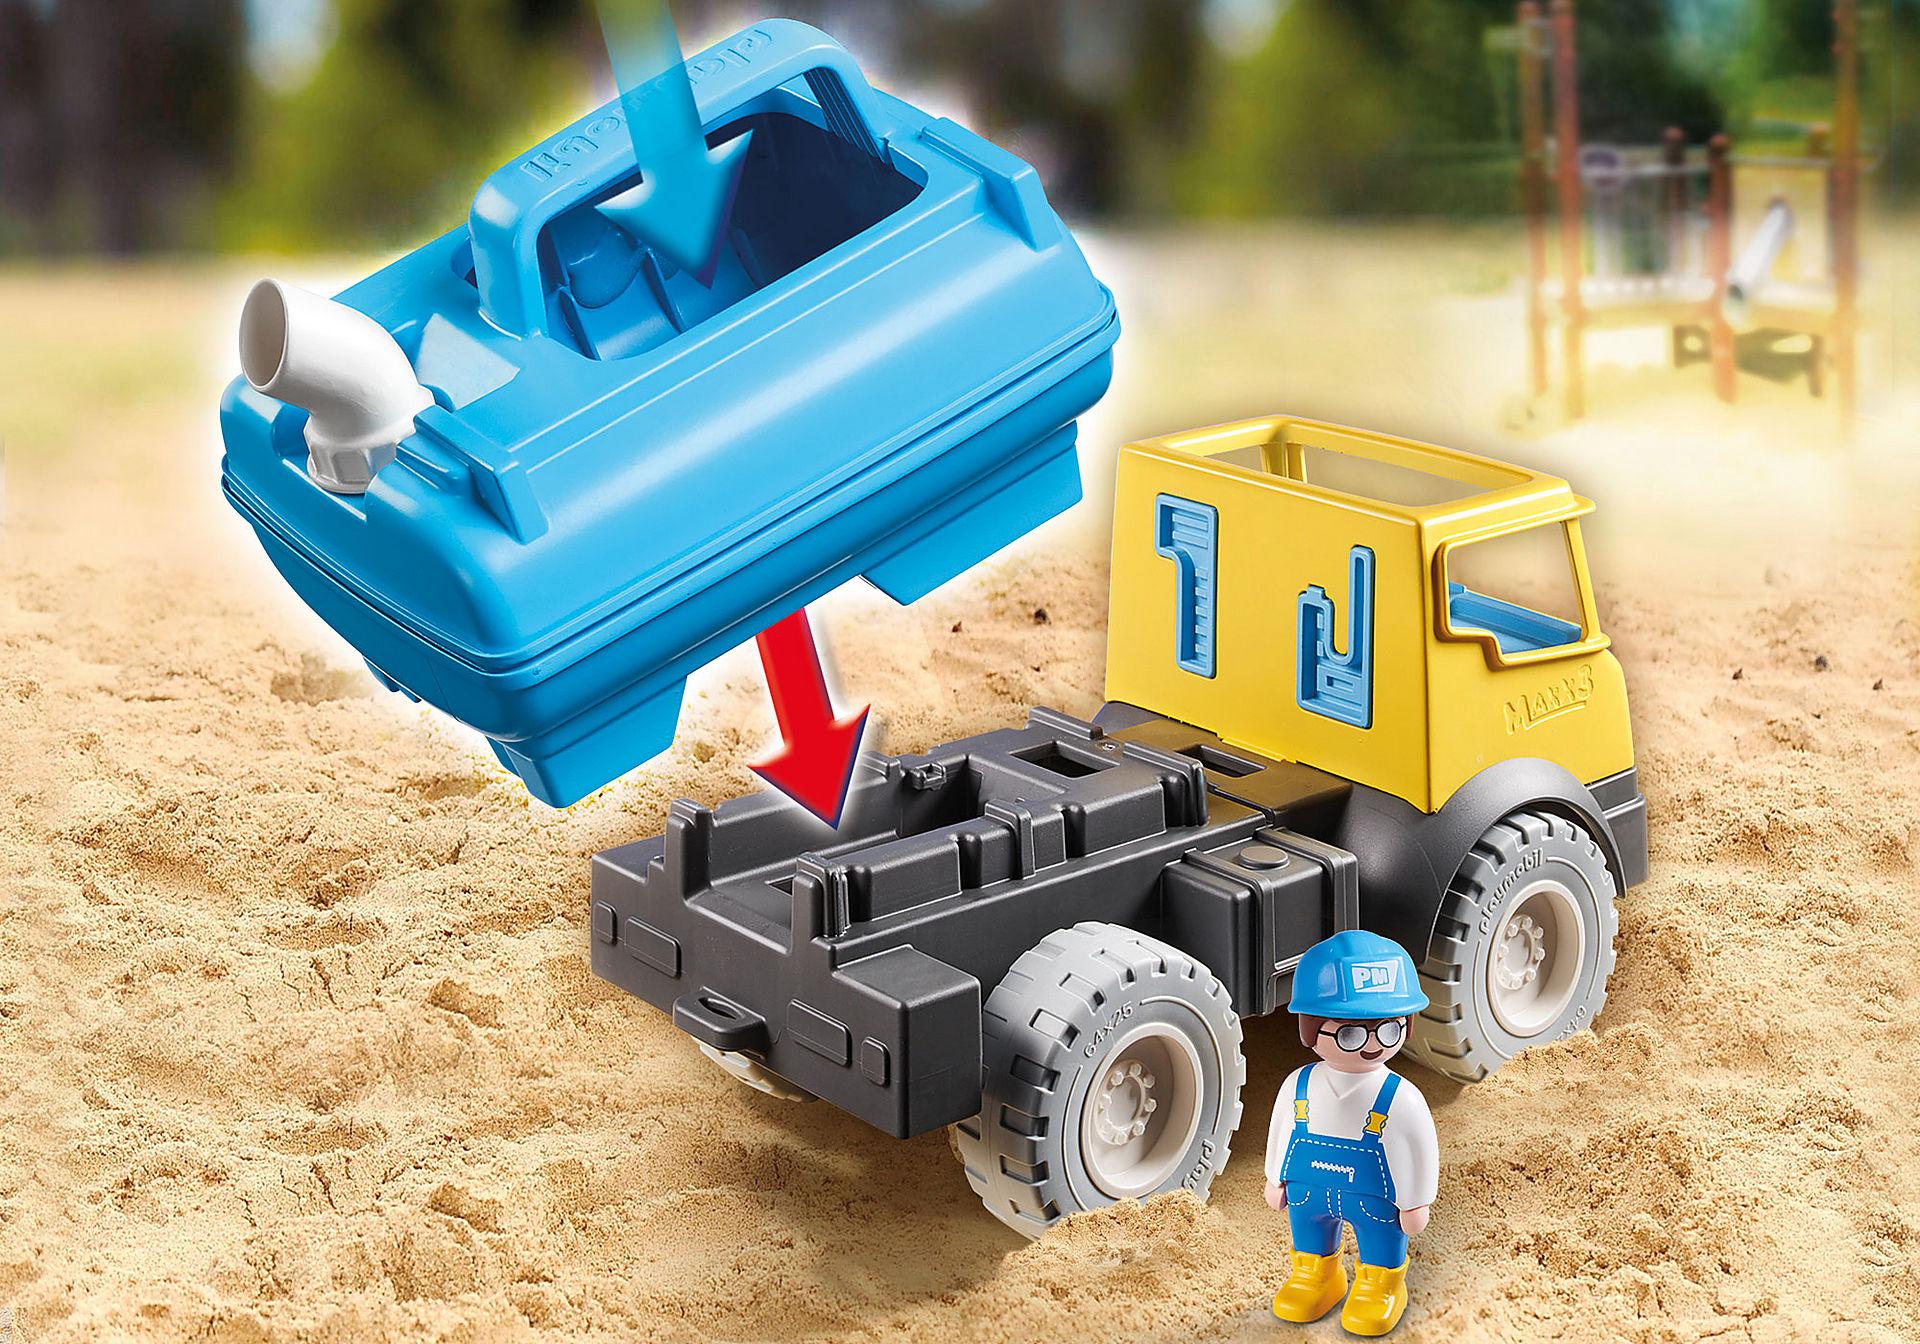 http://media.playmobil.com/i/playmobil/9144_product_extra5/Vattentankbil